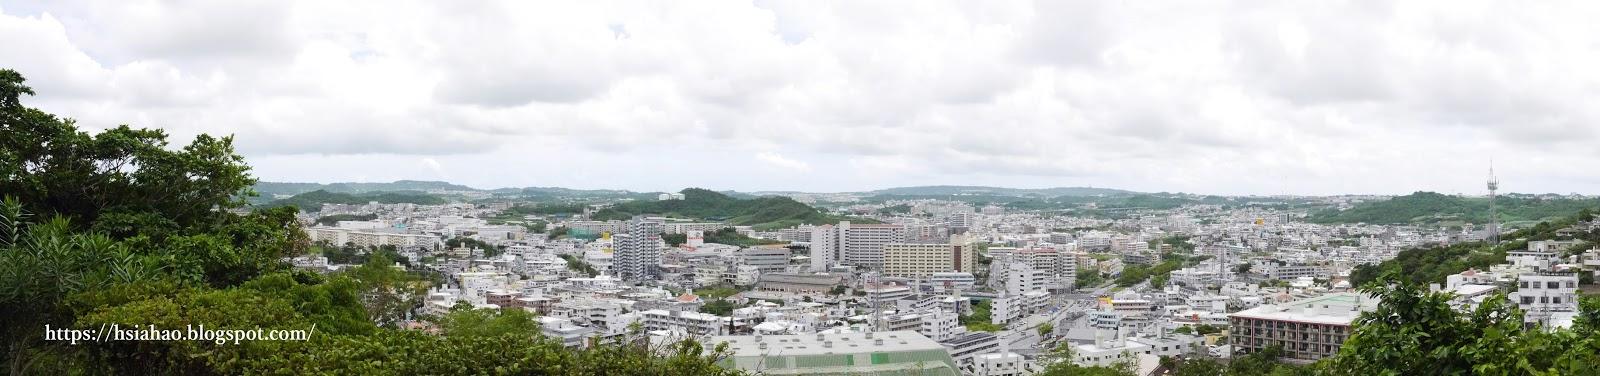 沖繩-那霸-景點-識名園-觀景-自由行-旅遊-Okinawa-Naha-shikinaen